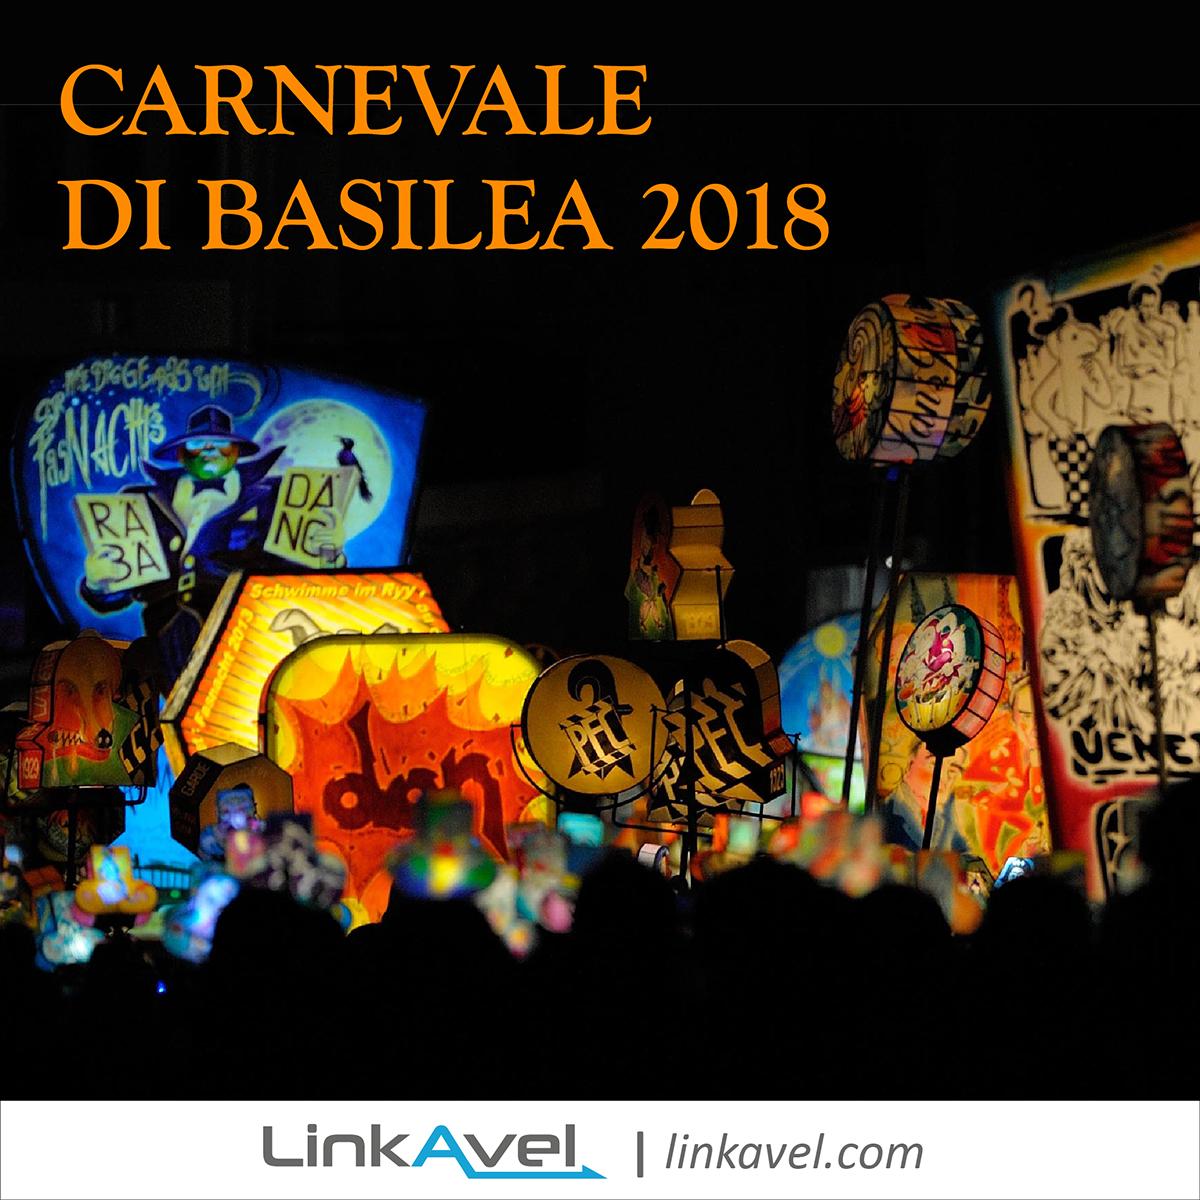 Carnevale di Basilea 2018